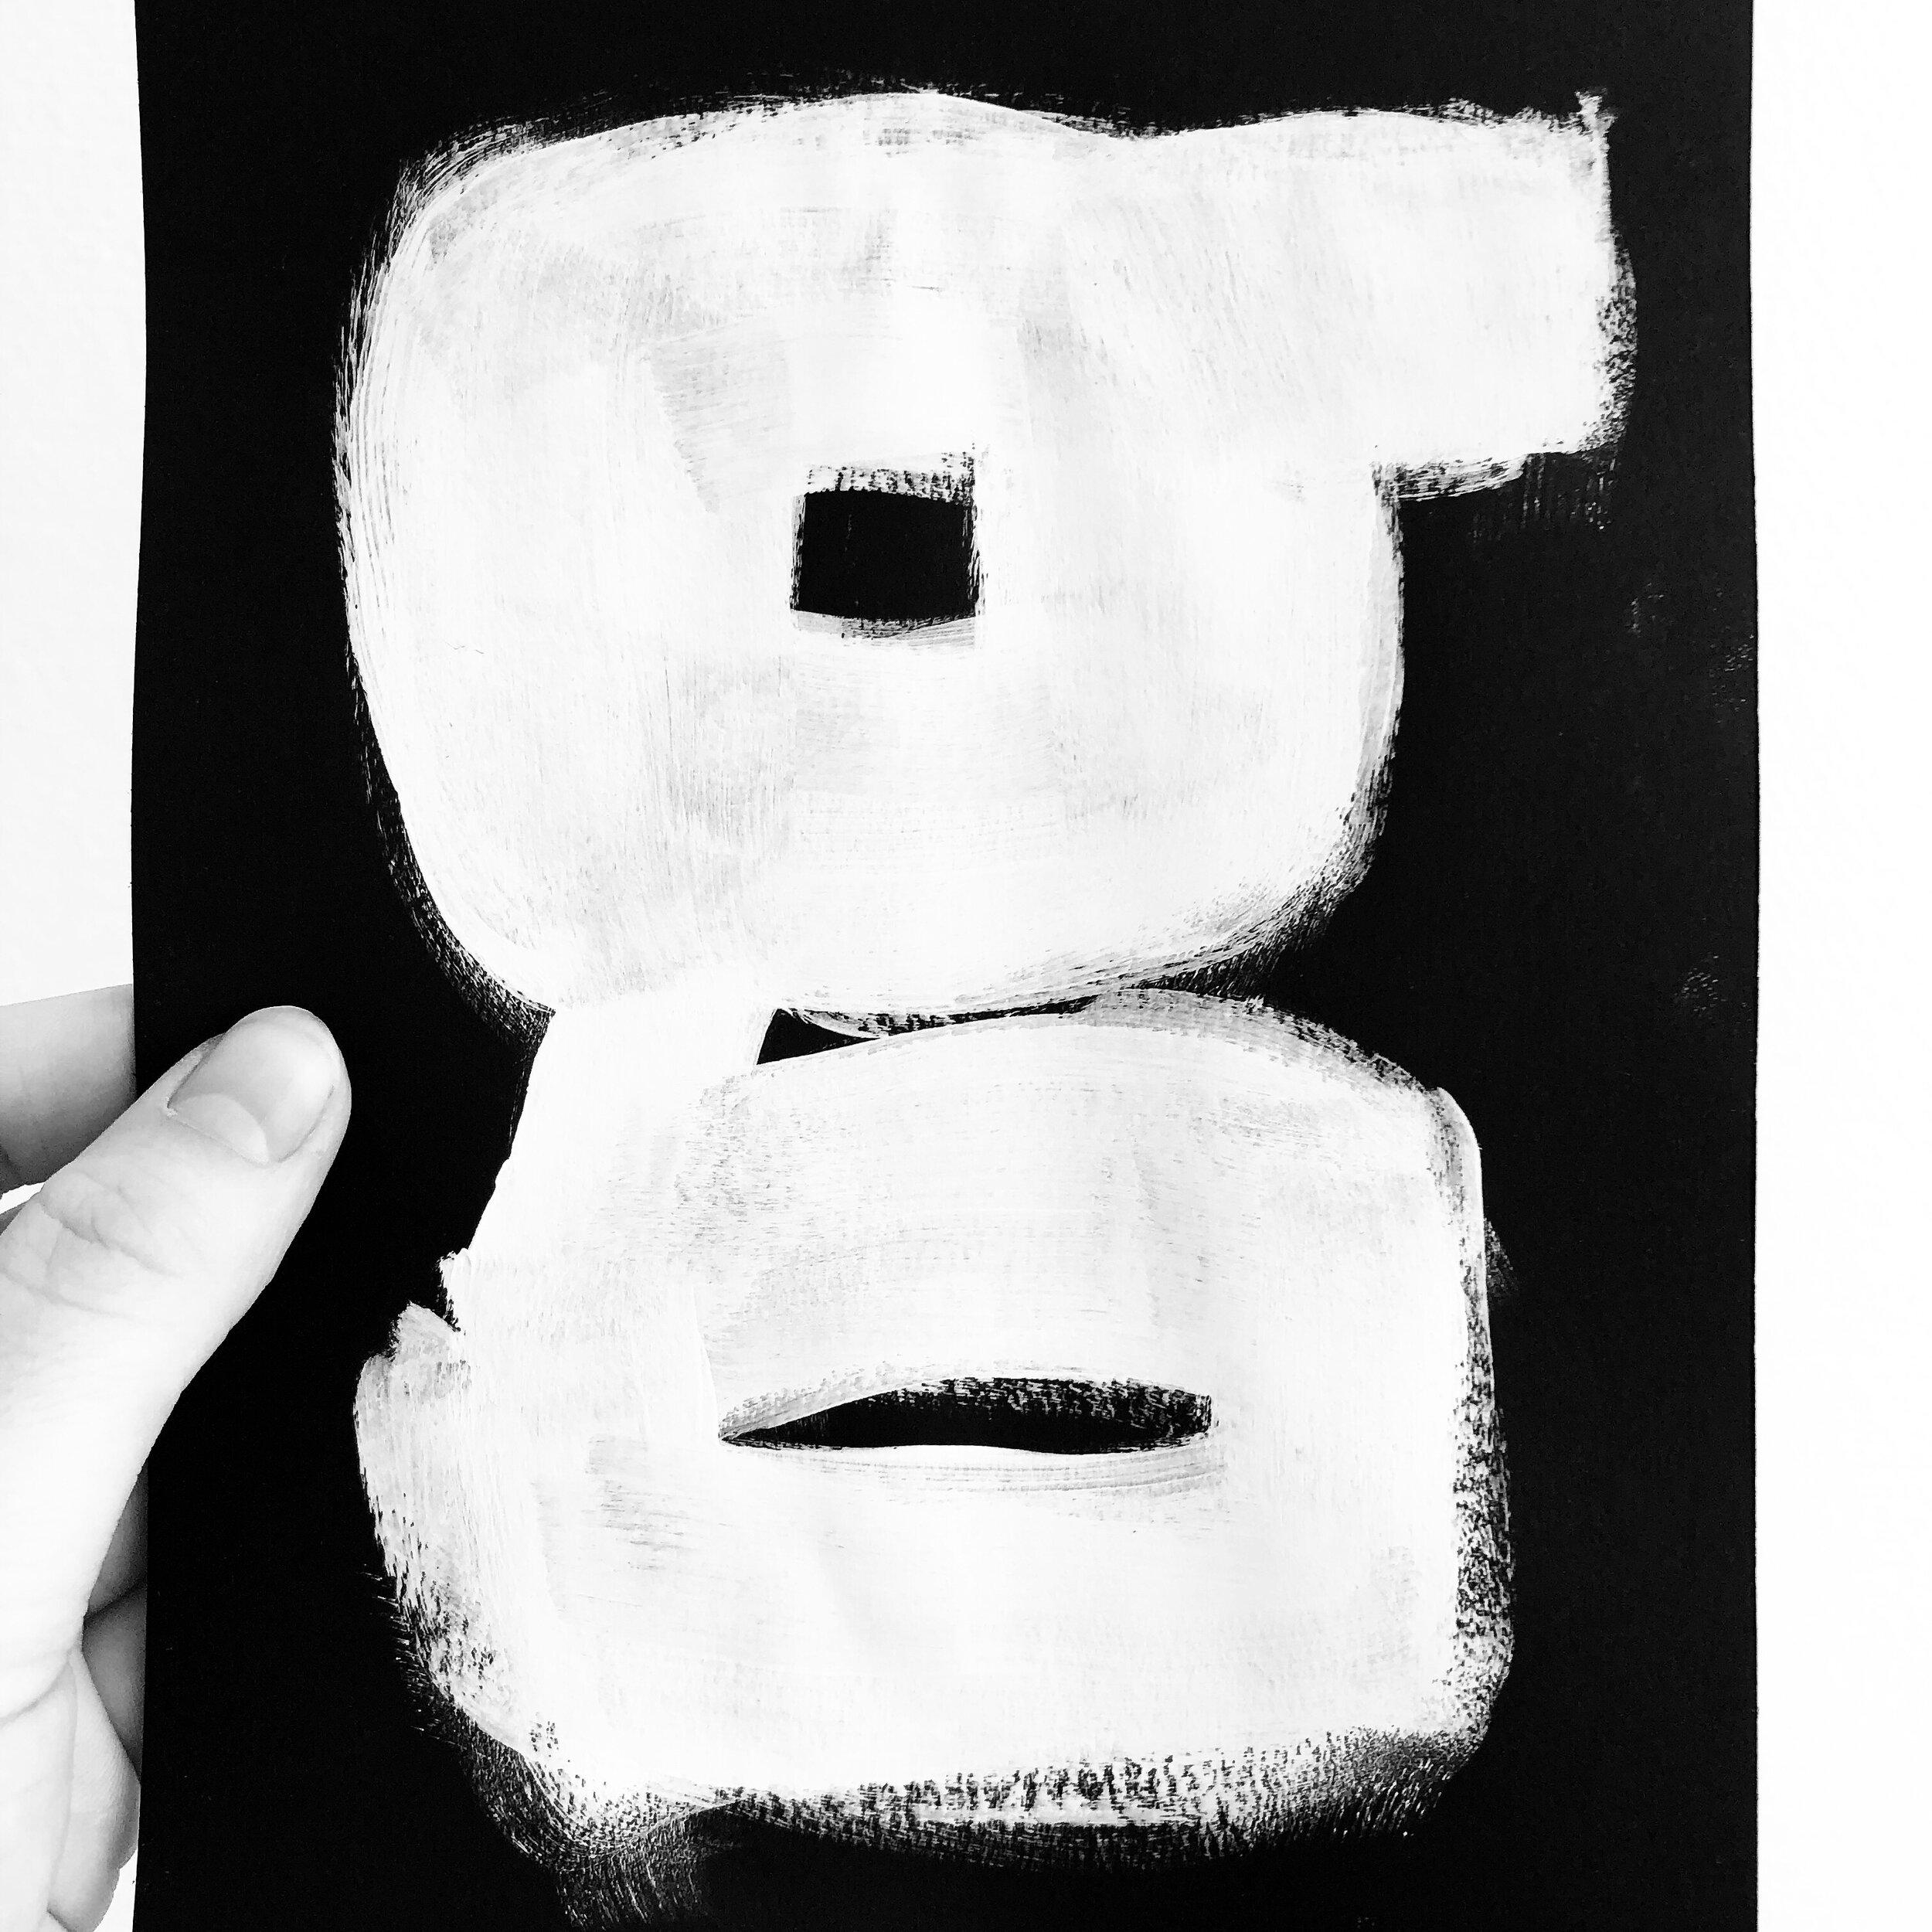 Kursus hvor vi designer kreative bogstaver